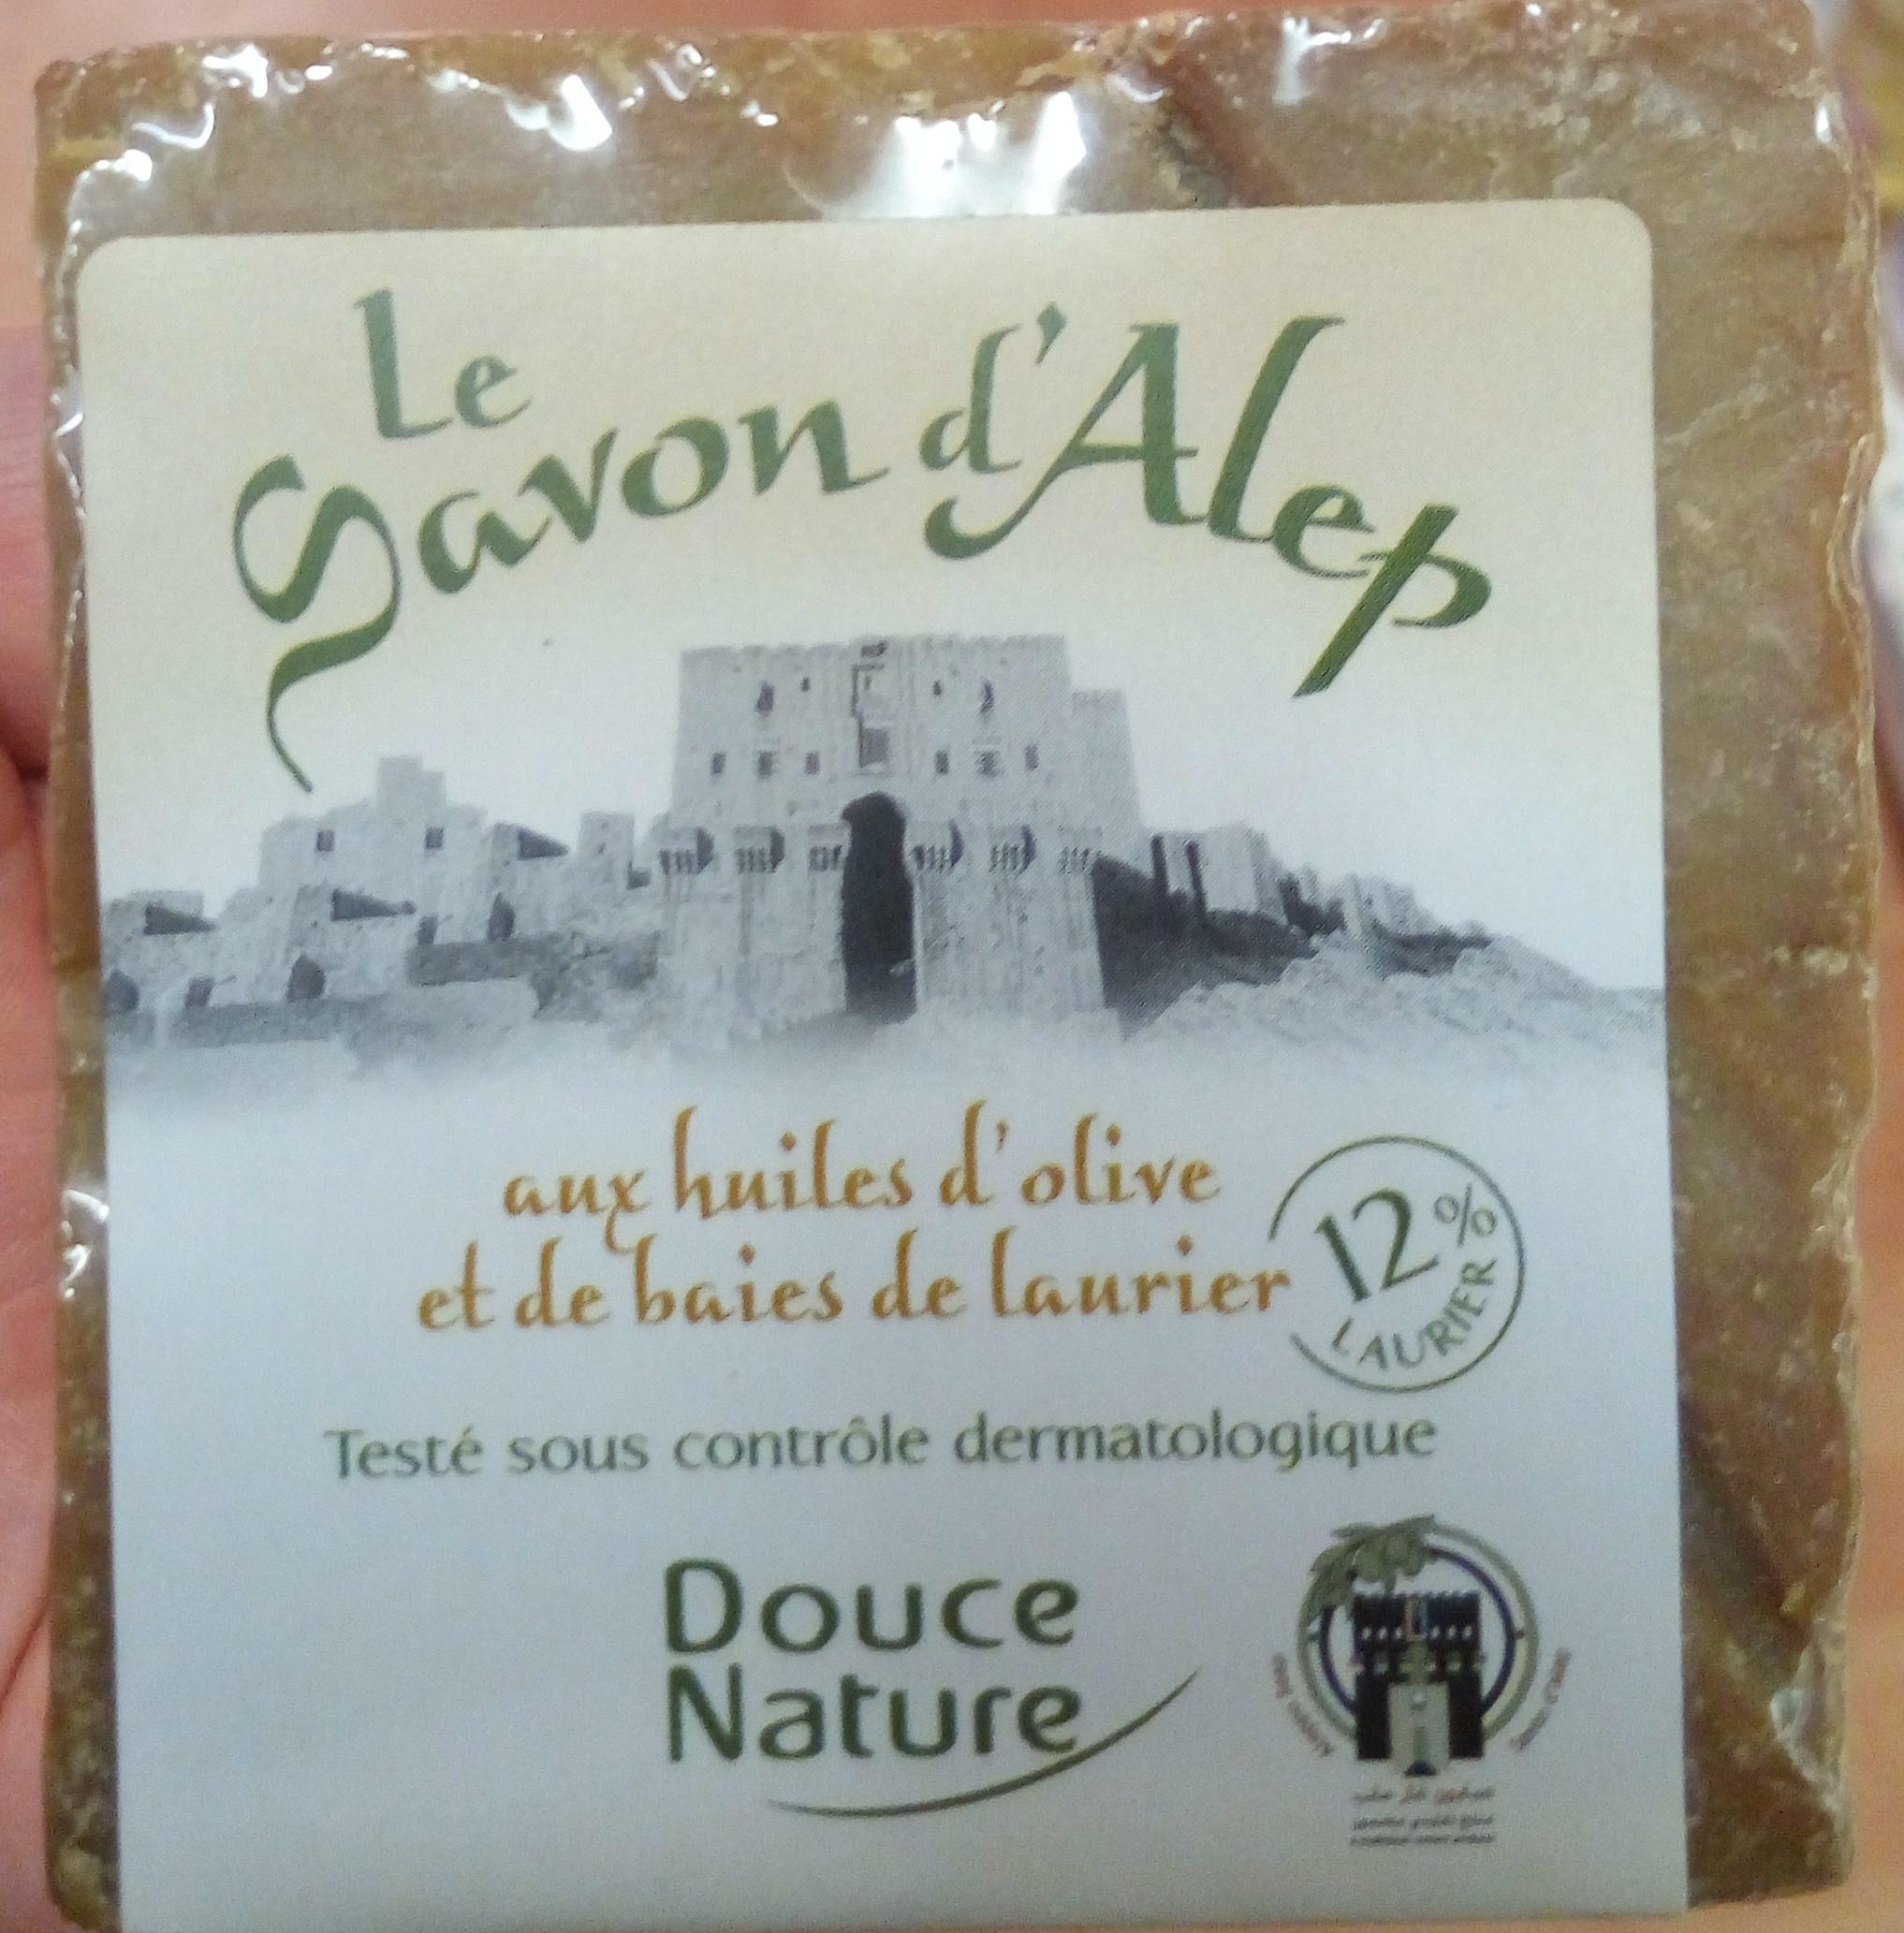 Le salon d'Alep aux huiles d'olive et de baies de laurier - Produit - fr